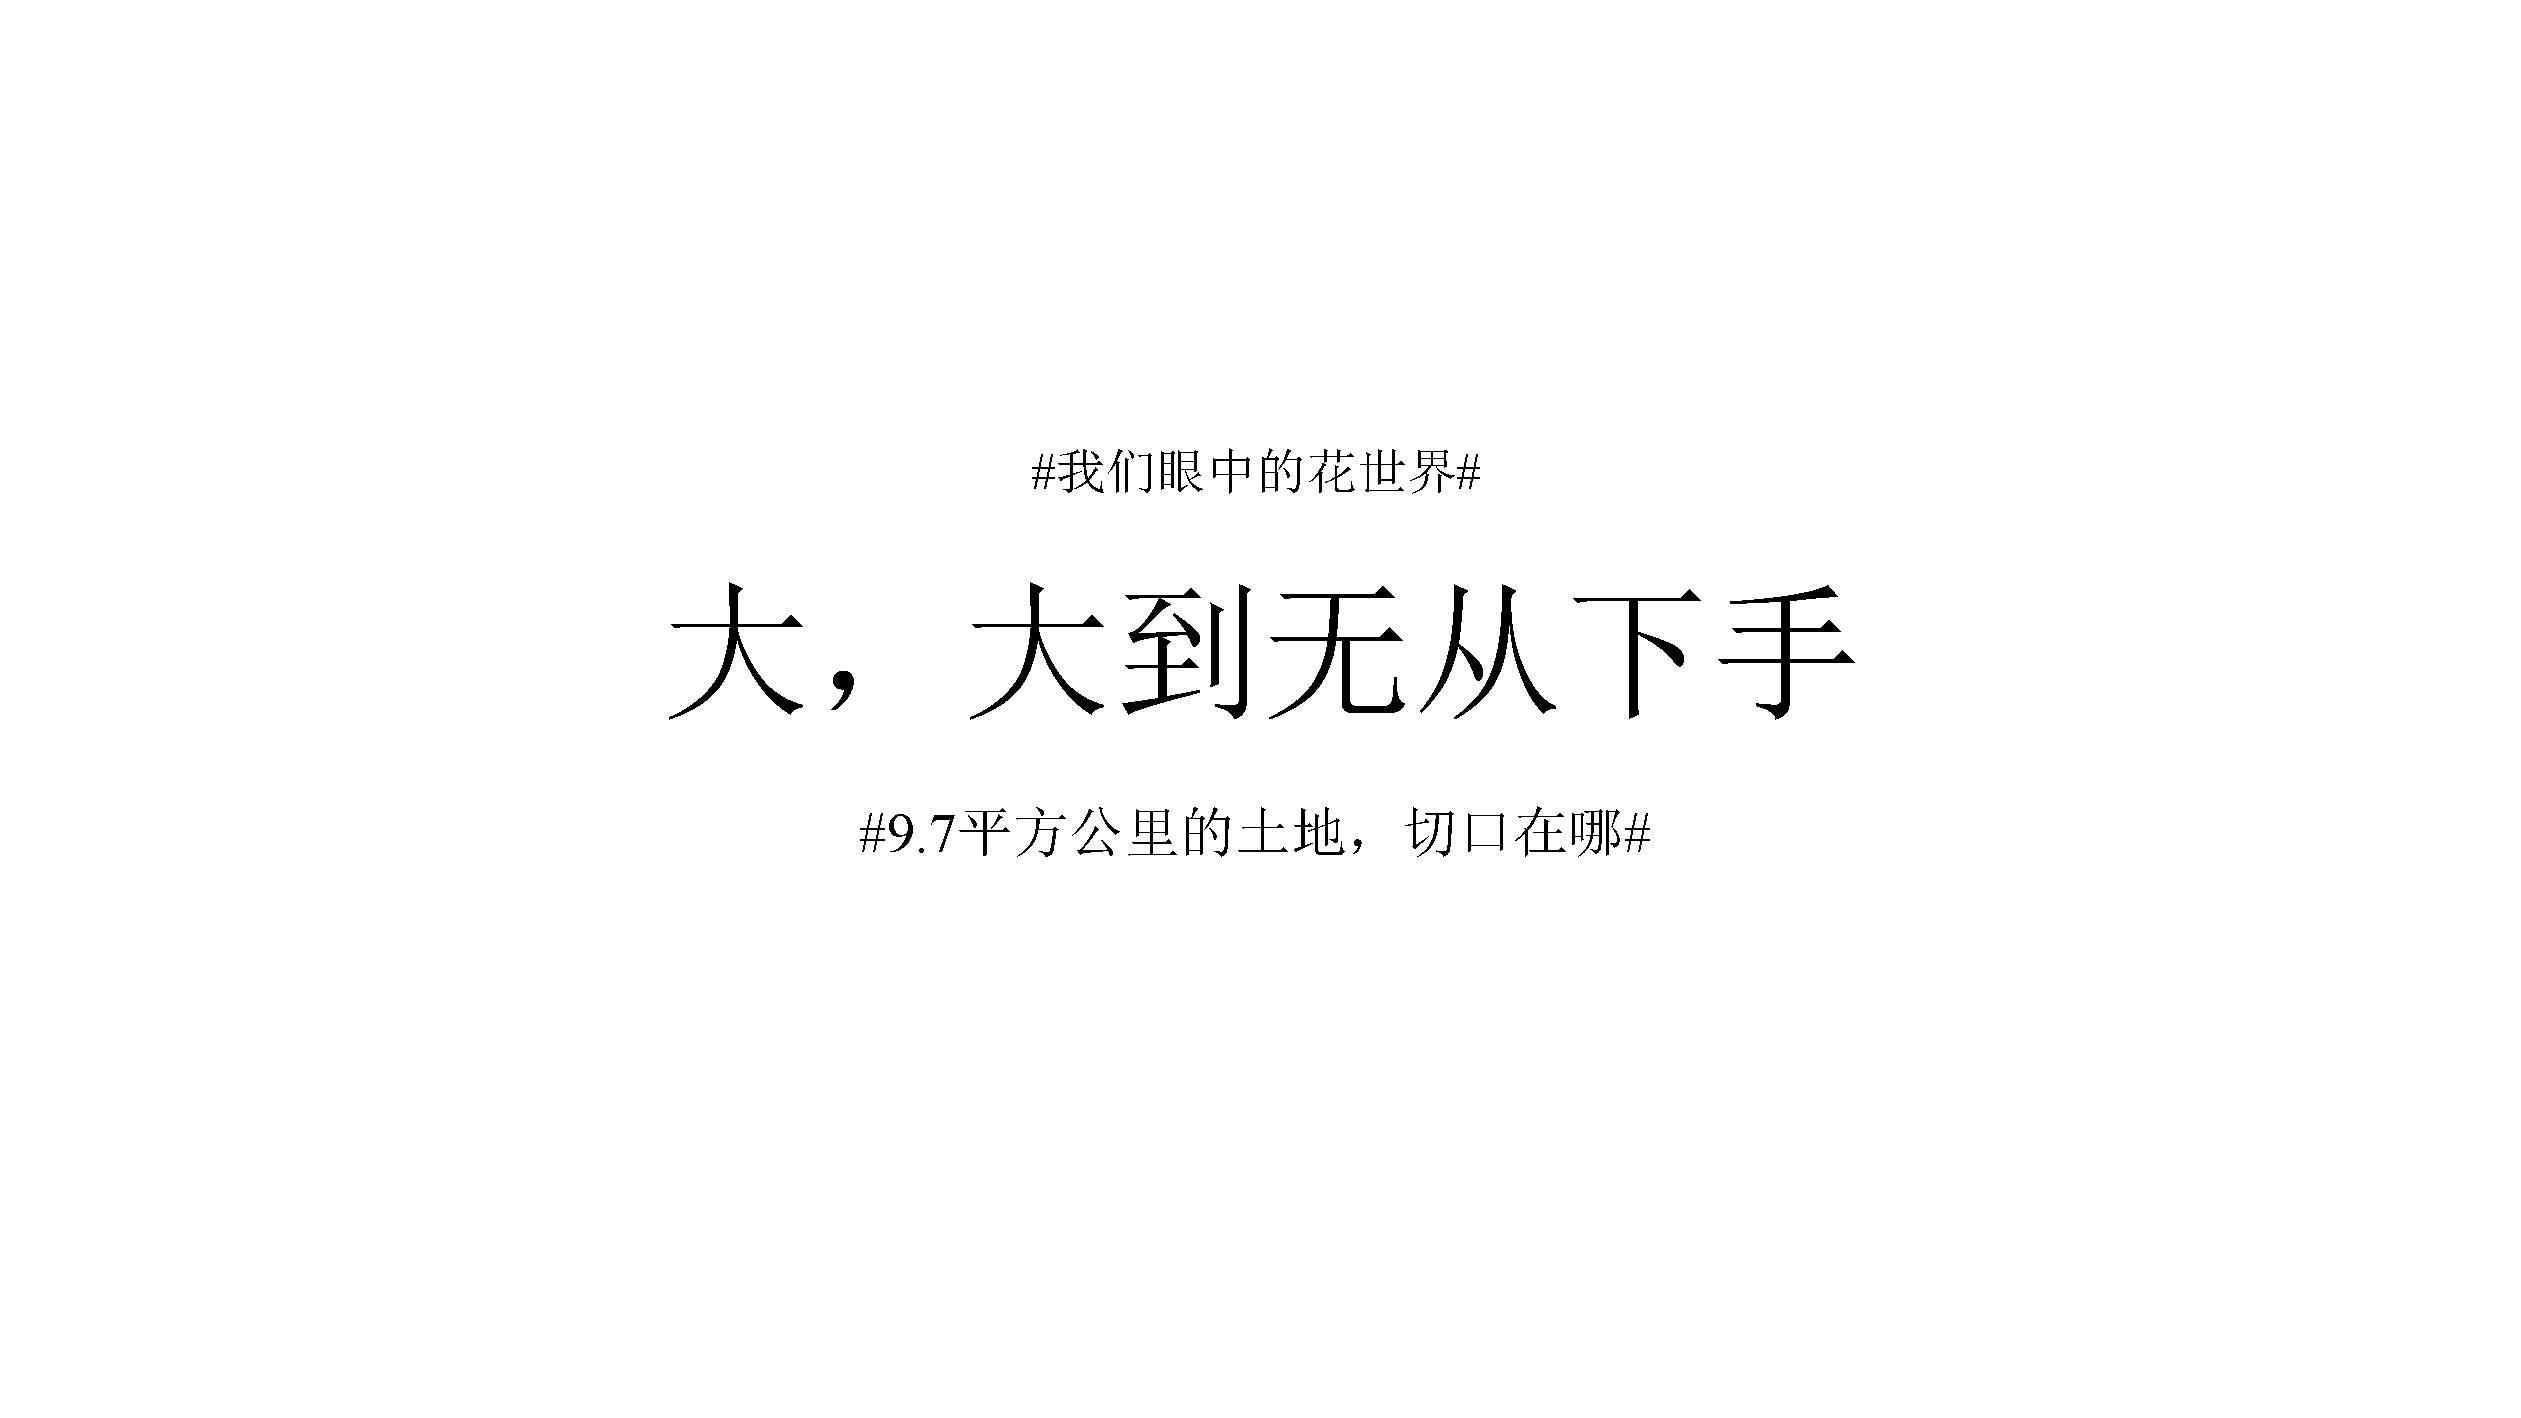 祥源花世界9.7平方公里文旅小镇推广